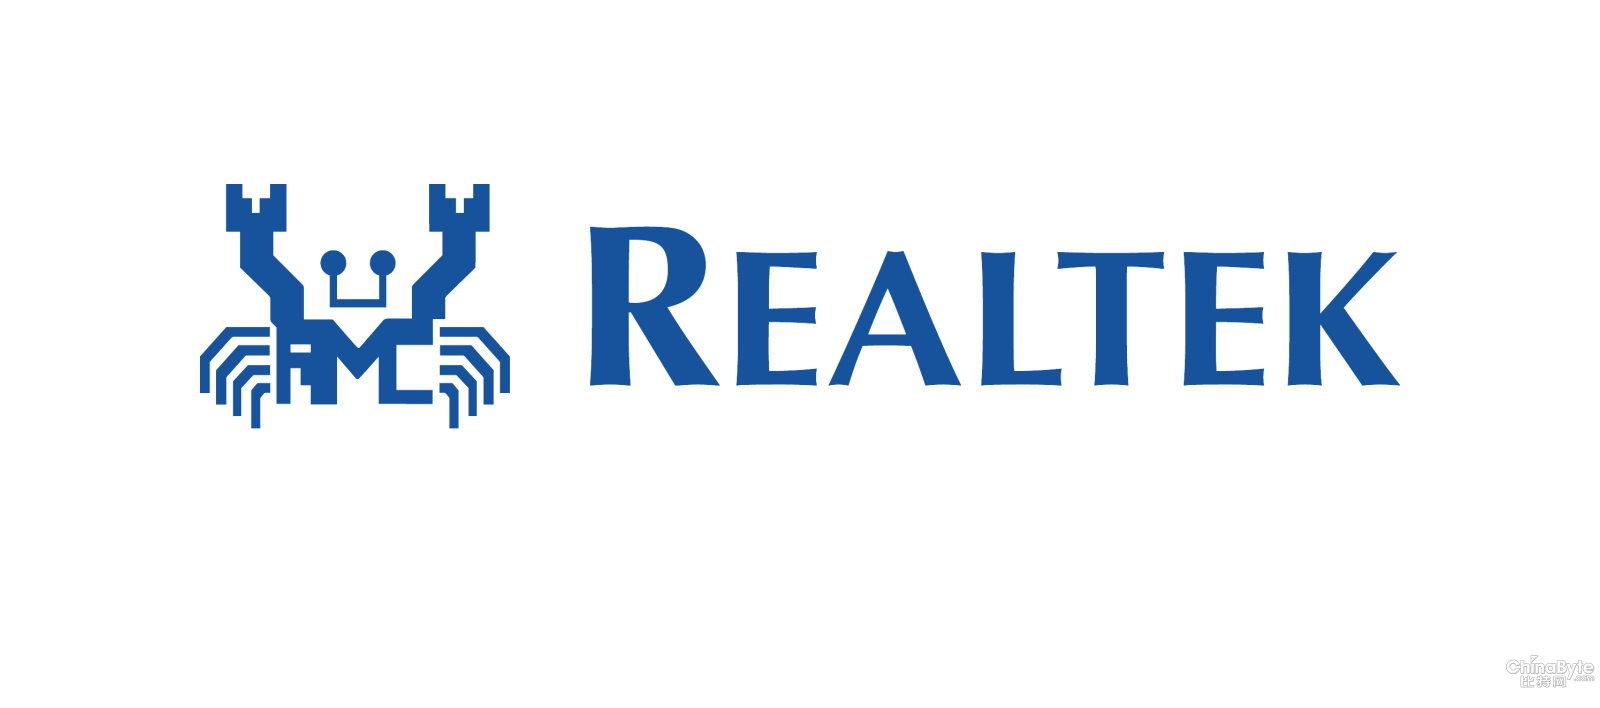 Đánh giá chất lượng hình ảnh giữa chip HiSilicon và chip Realtek